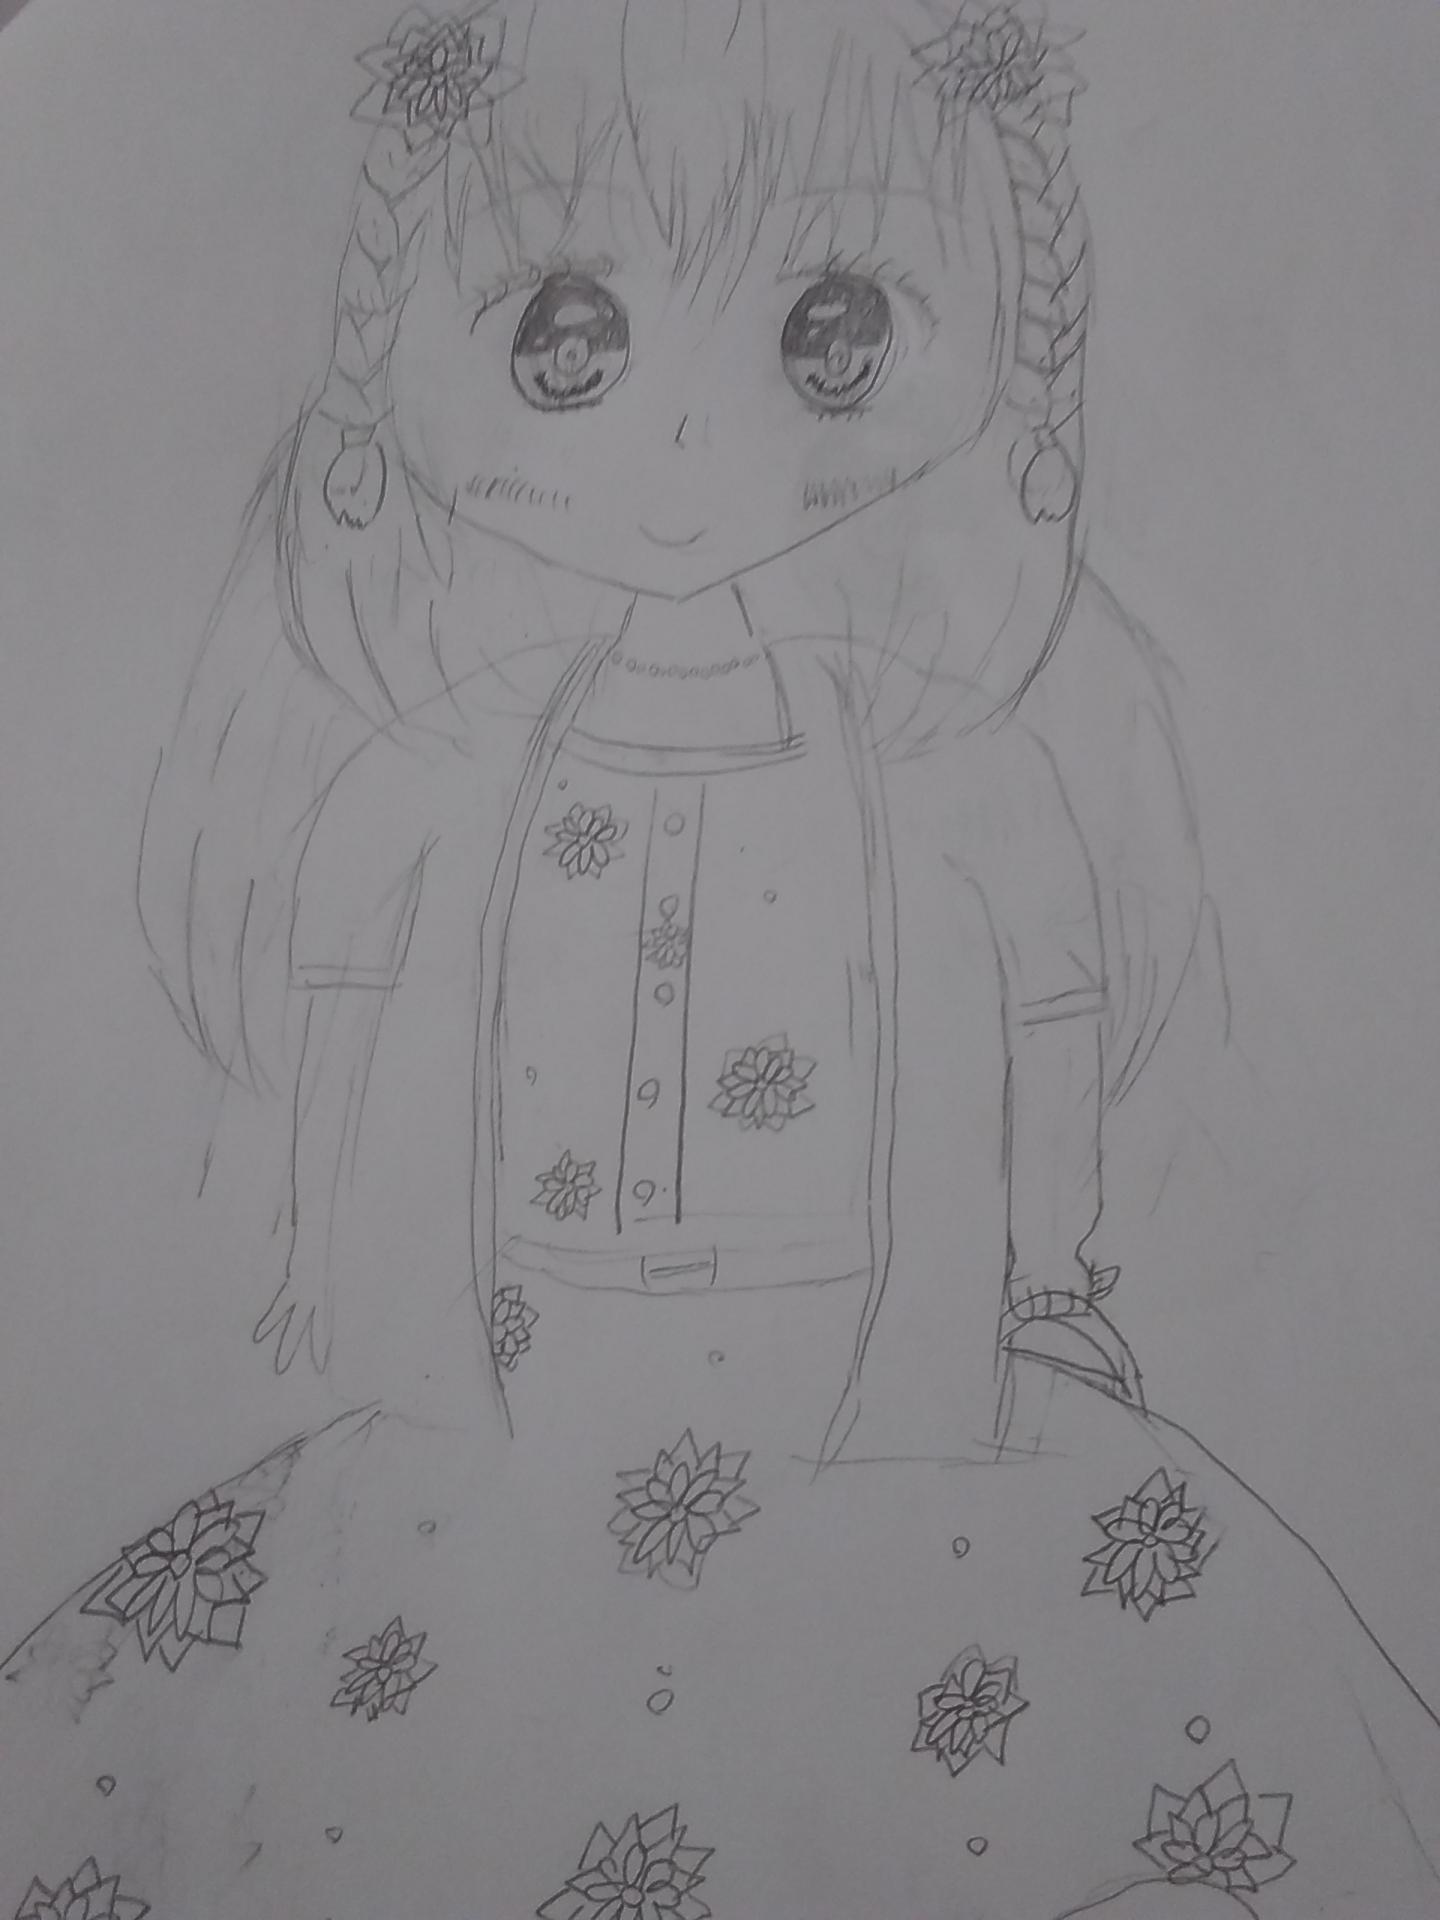 イラスト 可愛い ふわふわ 女の子 [ベスト] ふわふわフリーアイコン